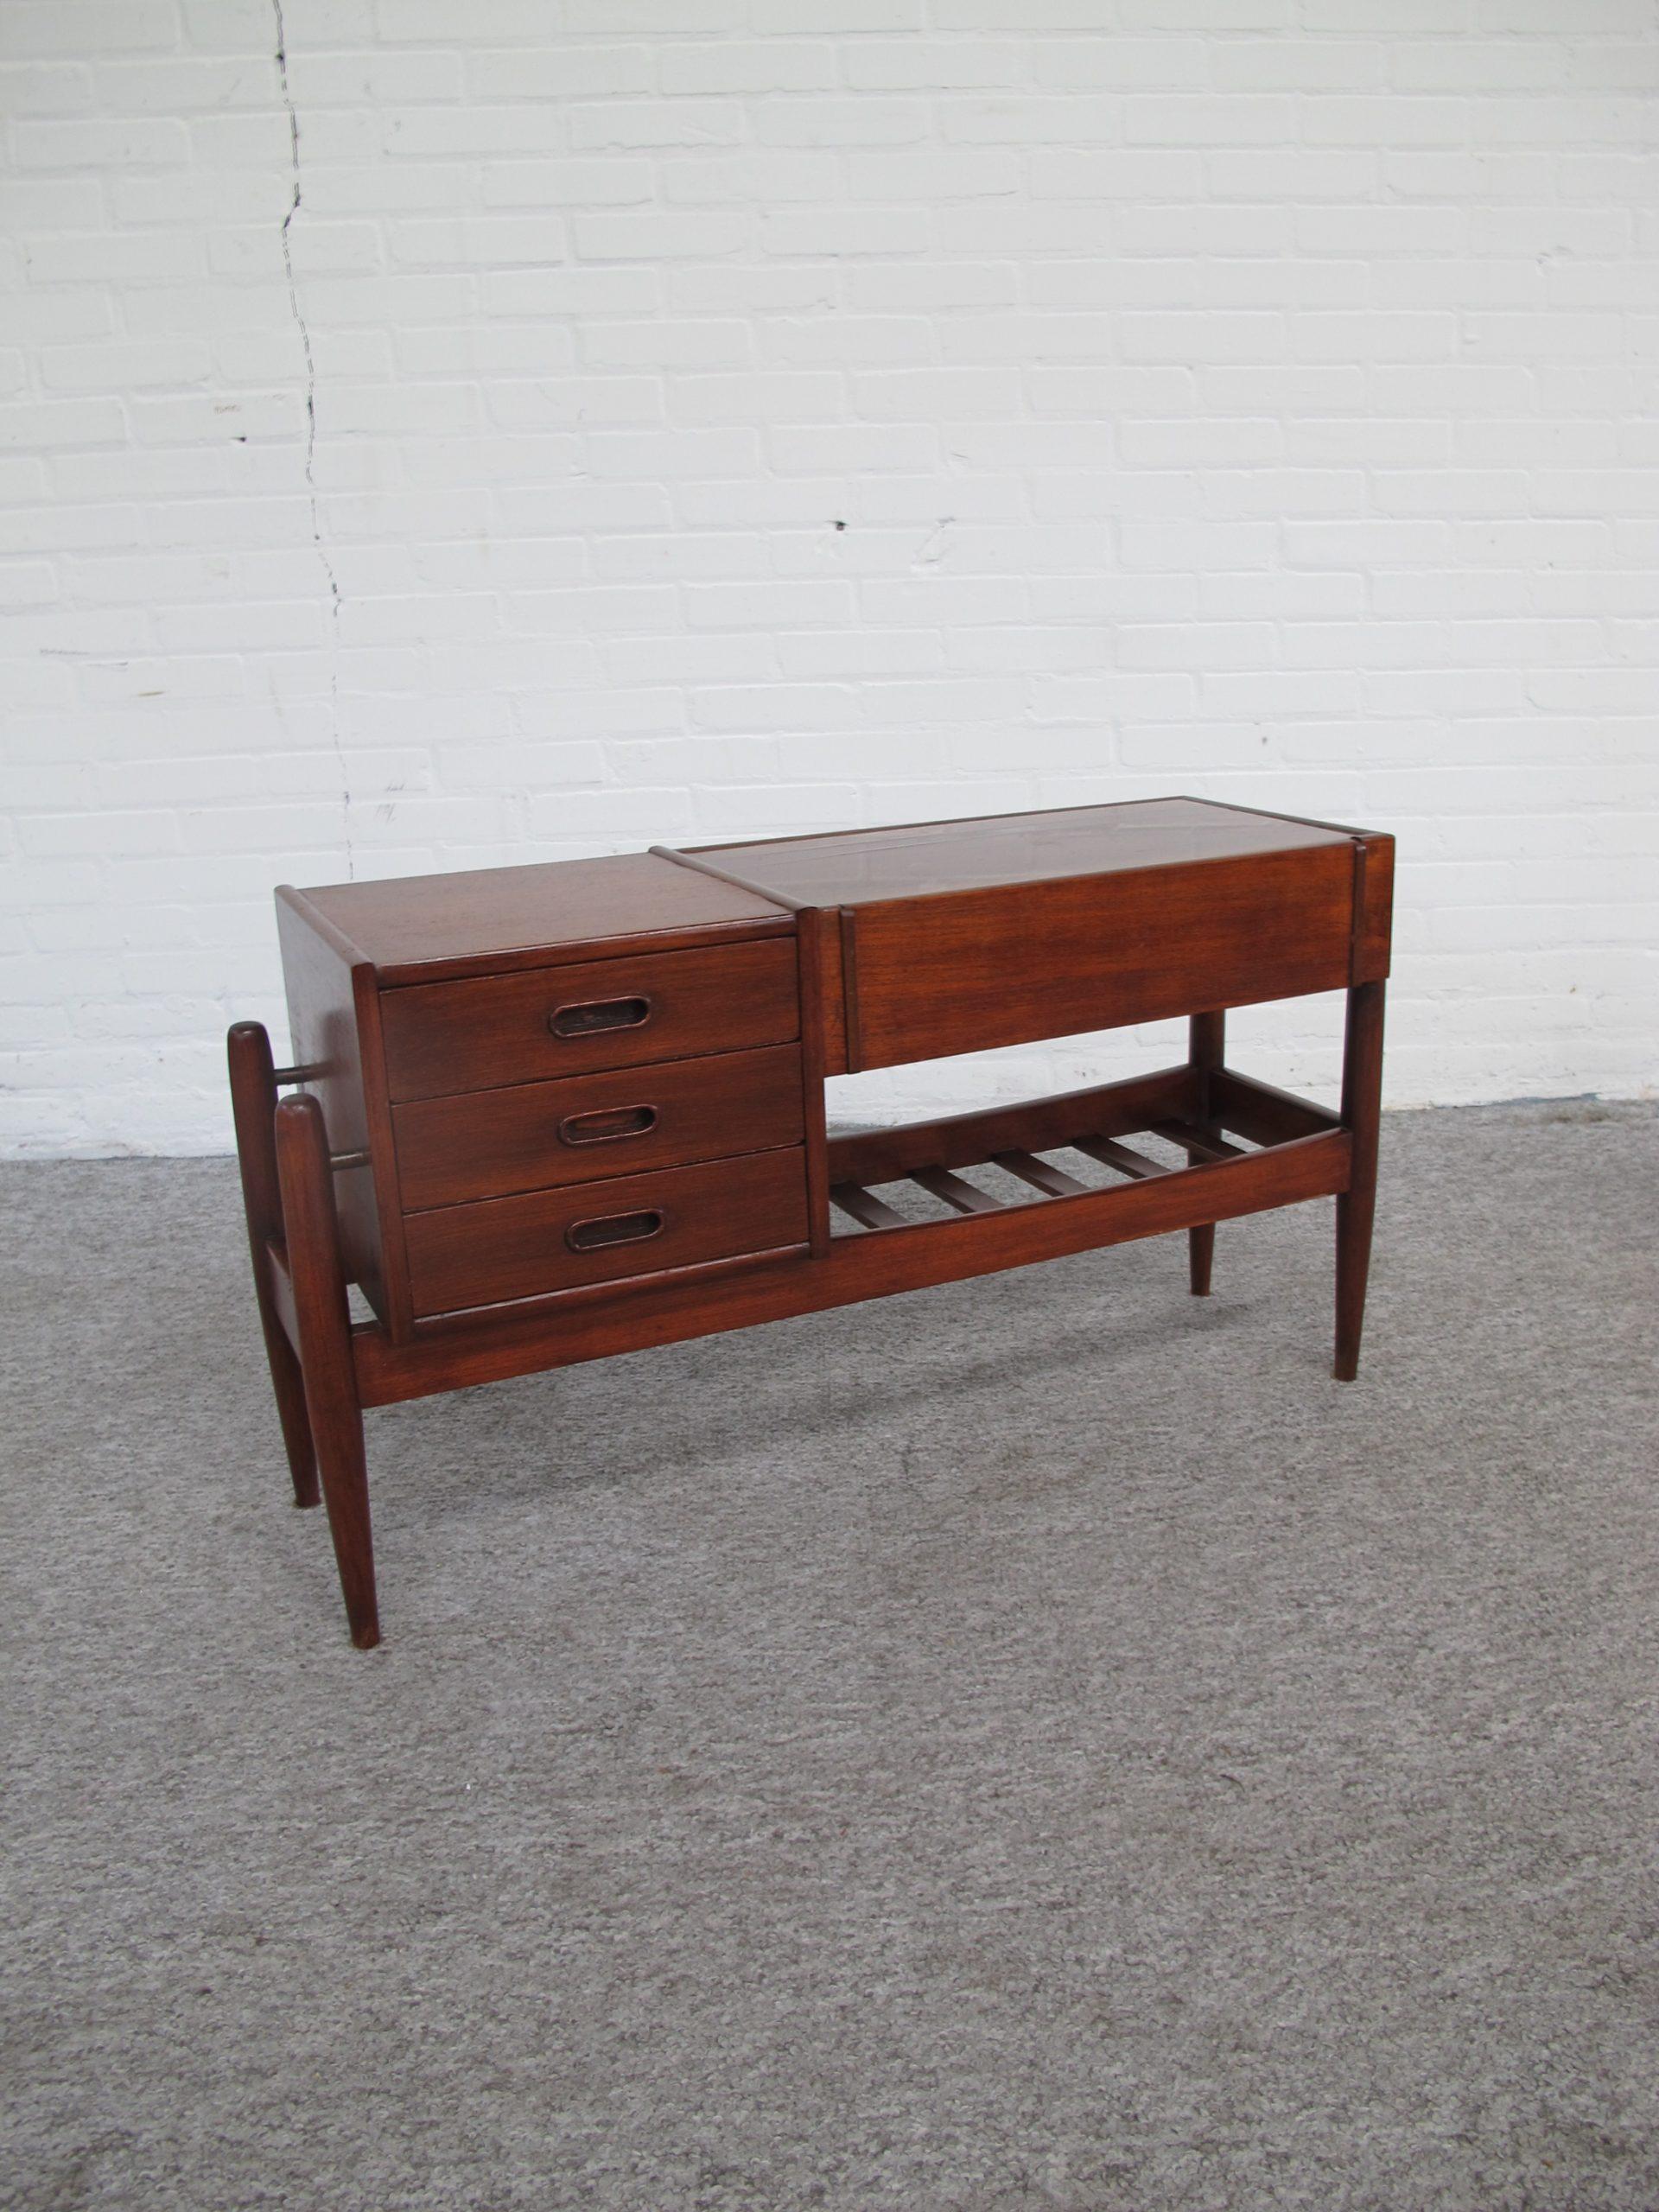 Dressoir Sideboard plant stand kastje Arne Wahl Iversen vintage retro midcentury